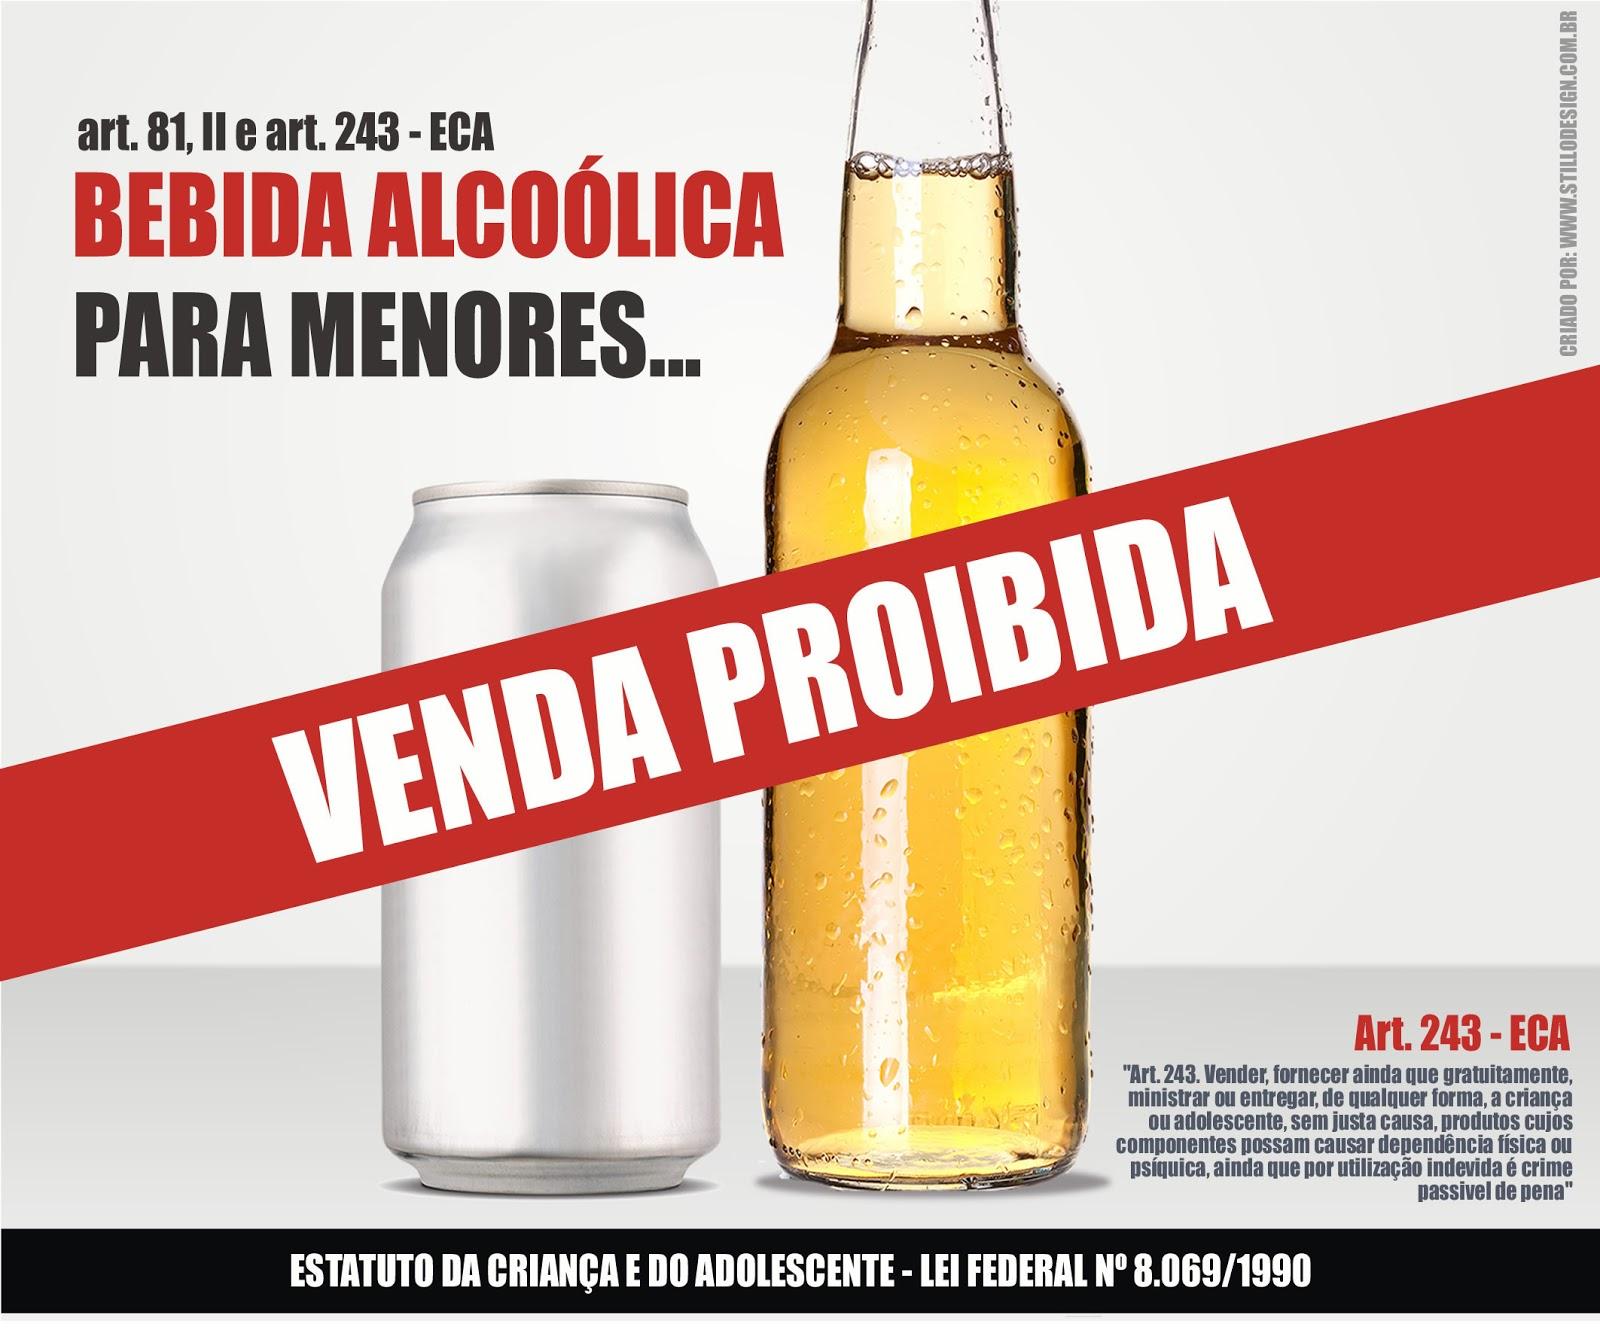 ... venda de bebidas alcoólicas a menores não é respeitada em Tuntum